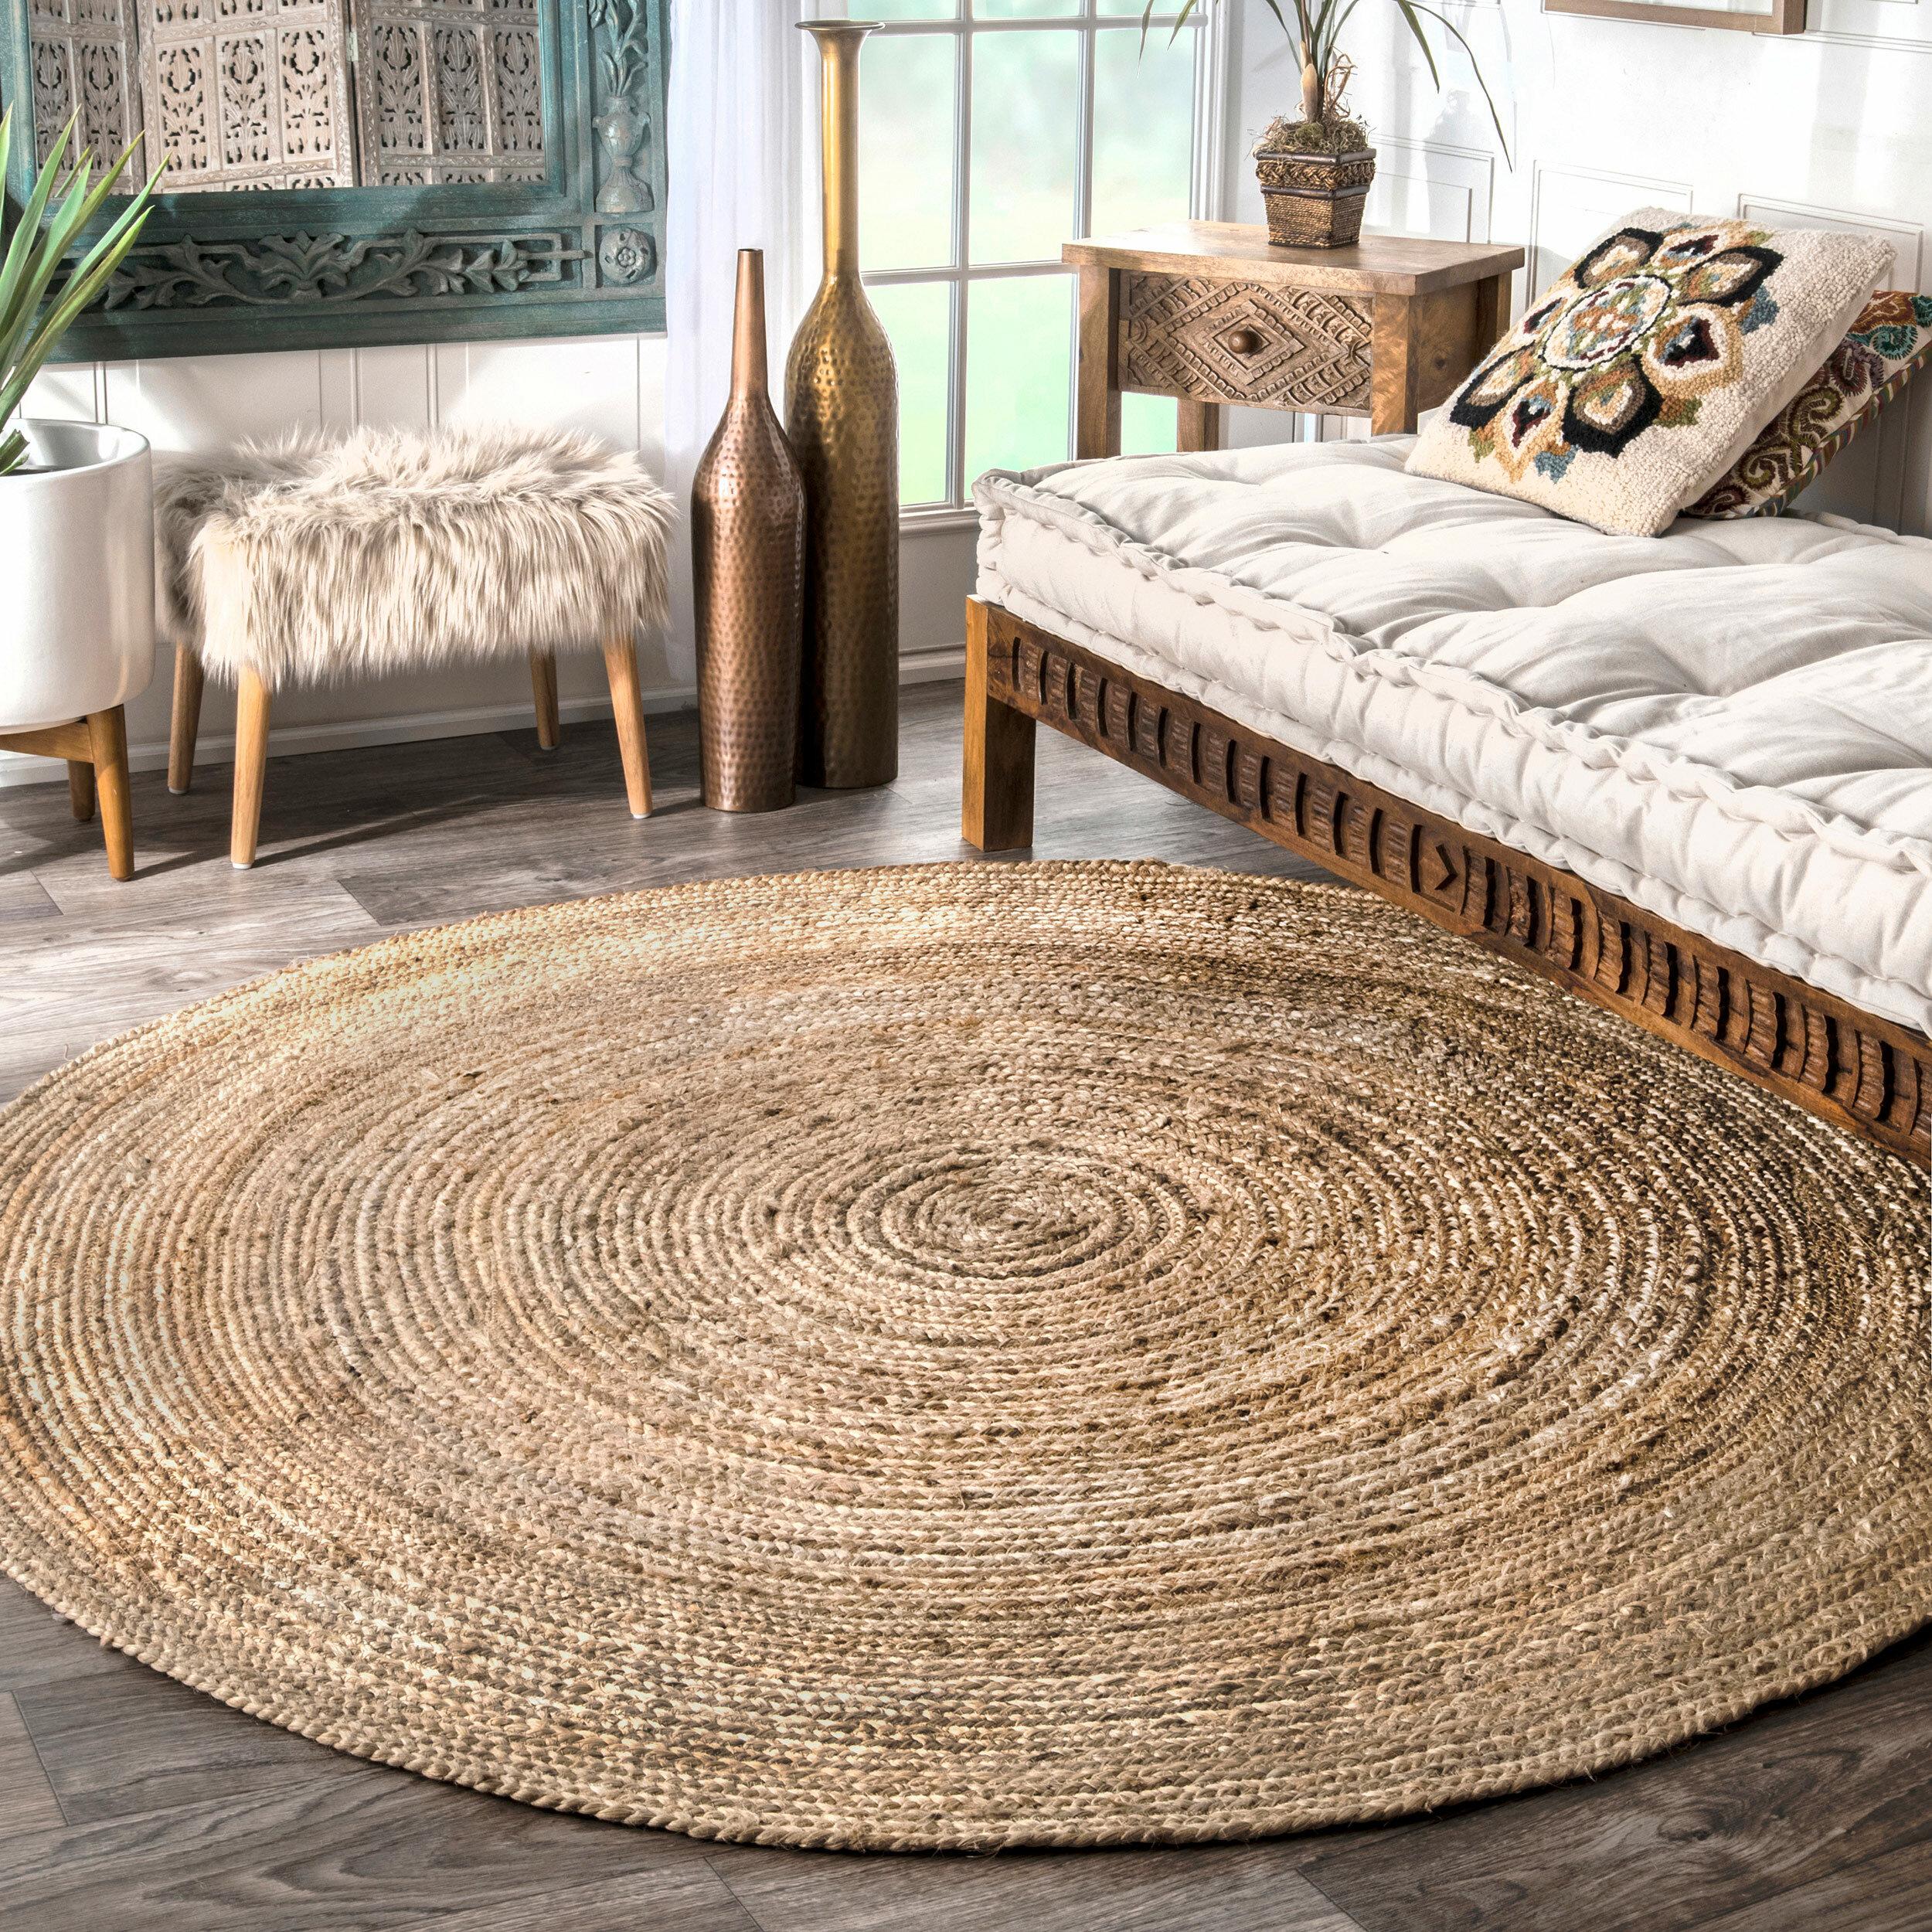 Handmade Flatweave Jute Sisal Area Rug